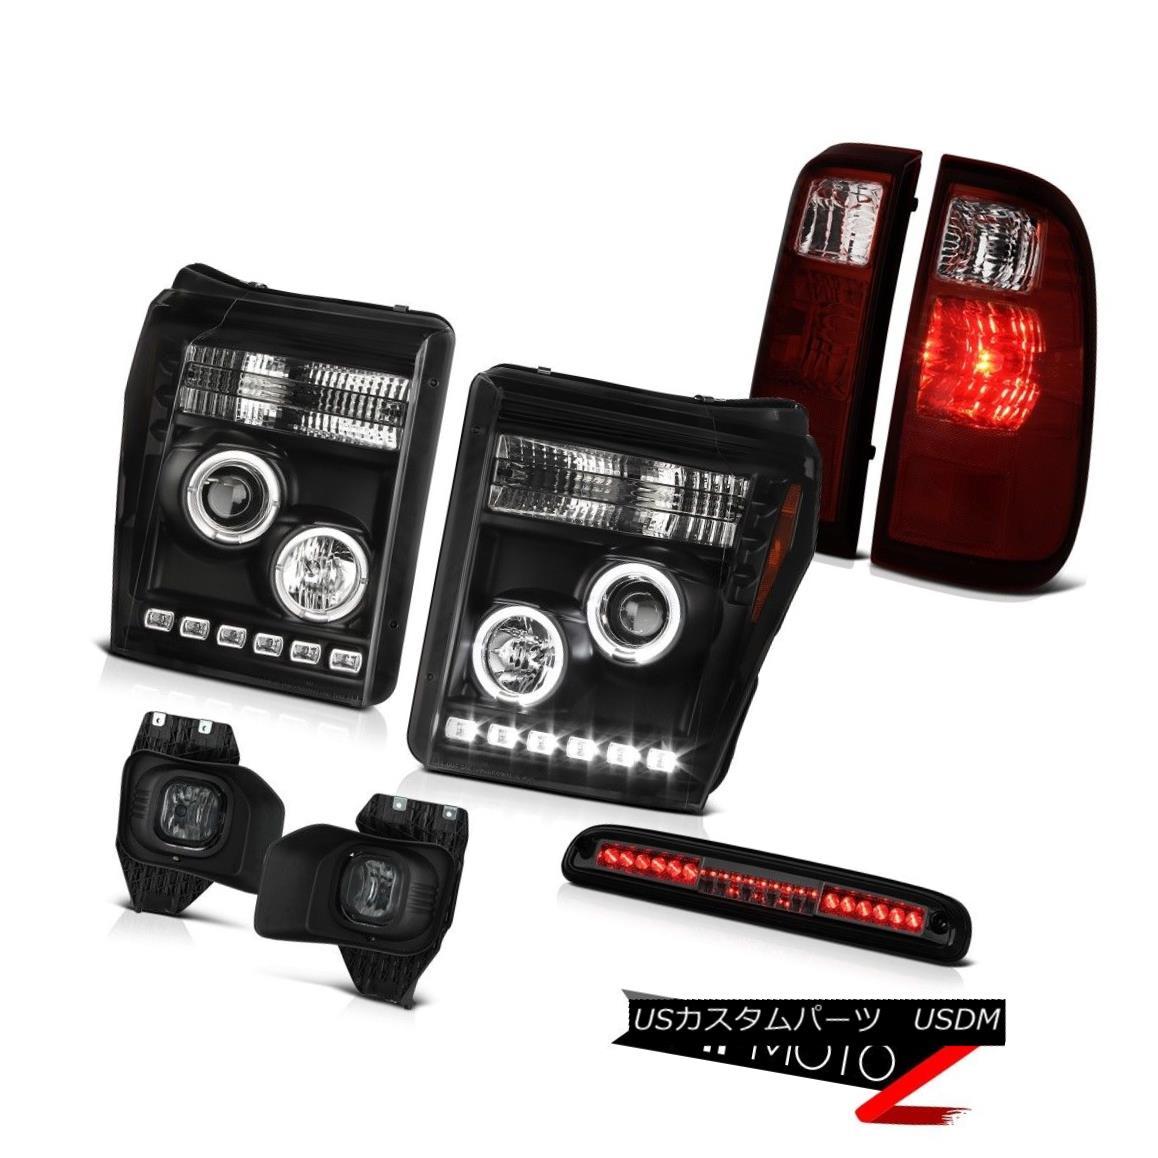 ヘッドライト 11-16 F350 Xl Smokey Roof Brake Lamp Foglights Tail Lamps Raven Black Headlamps 11-16 F350 X1スモーキールーフブレーキランプフォグライトテールランプブラックレッドヘッドランプ